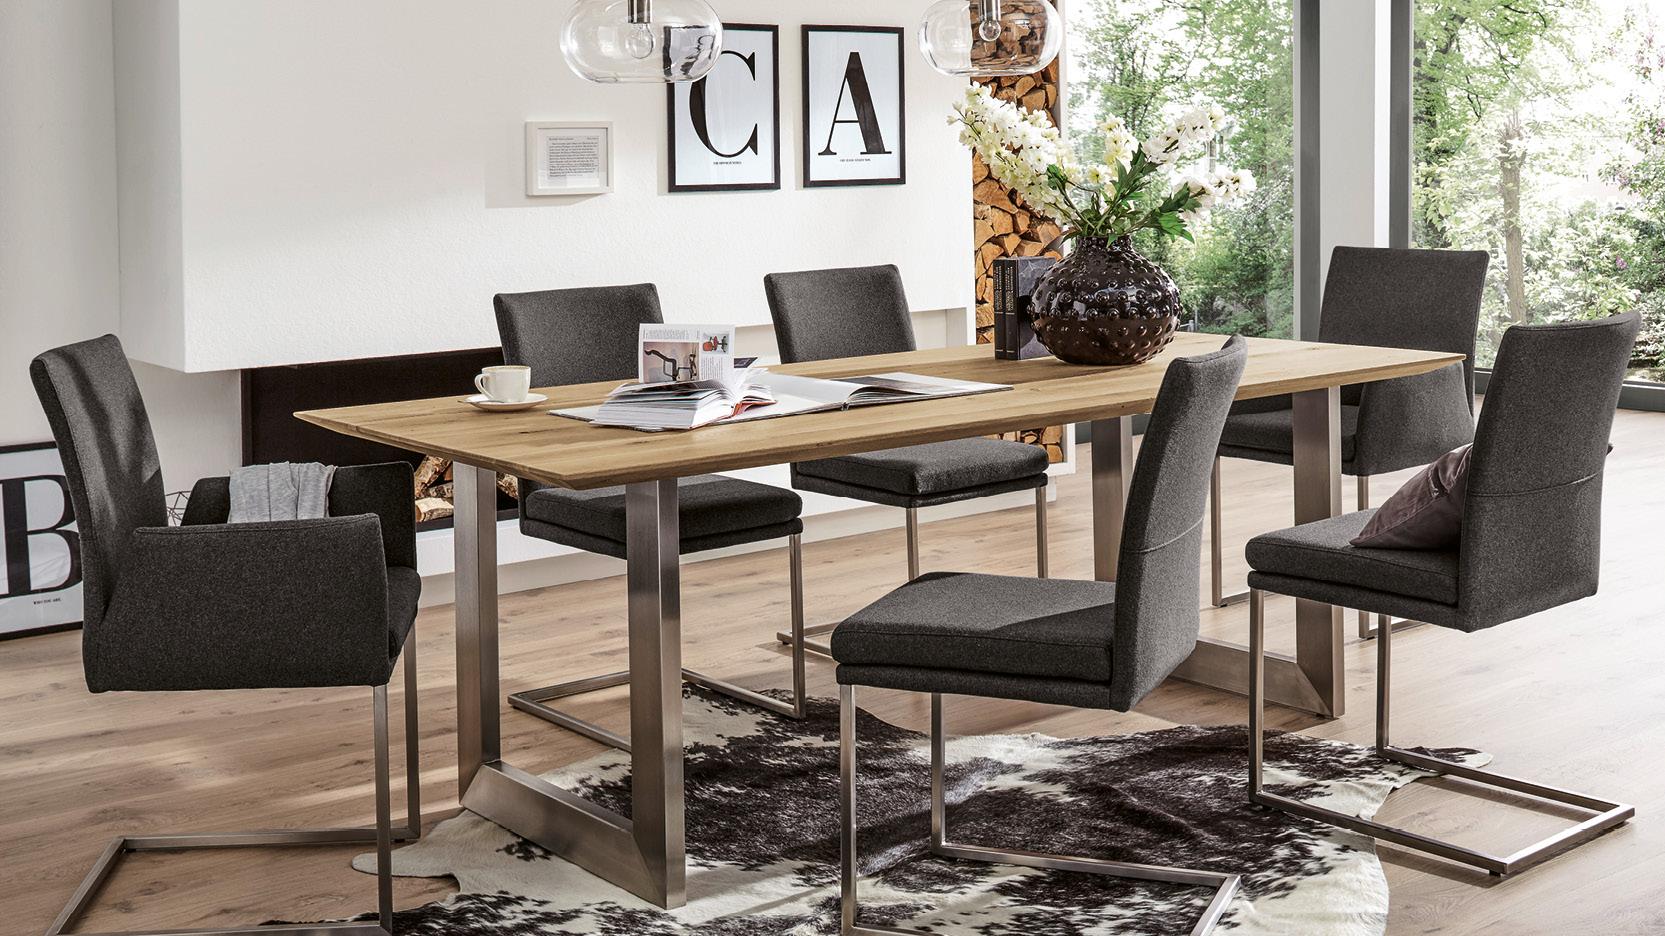 Möbel Für Esszimmer : Holz sigi esszimmer